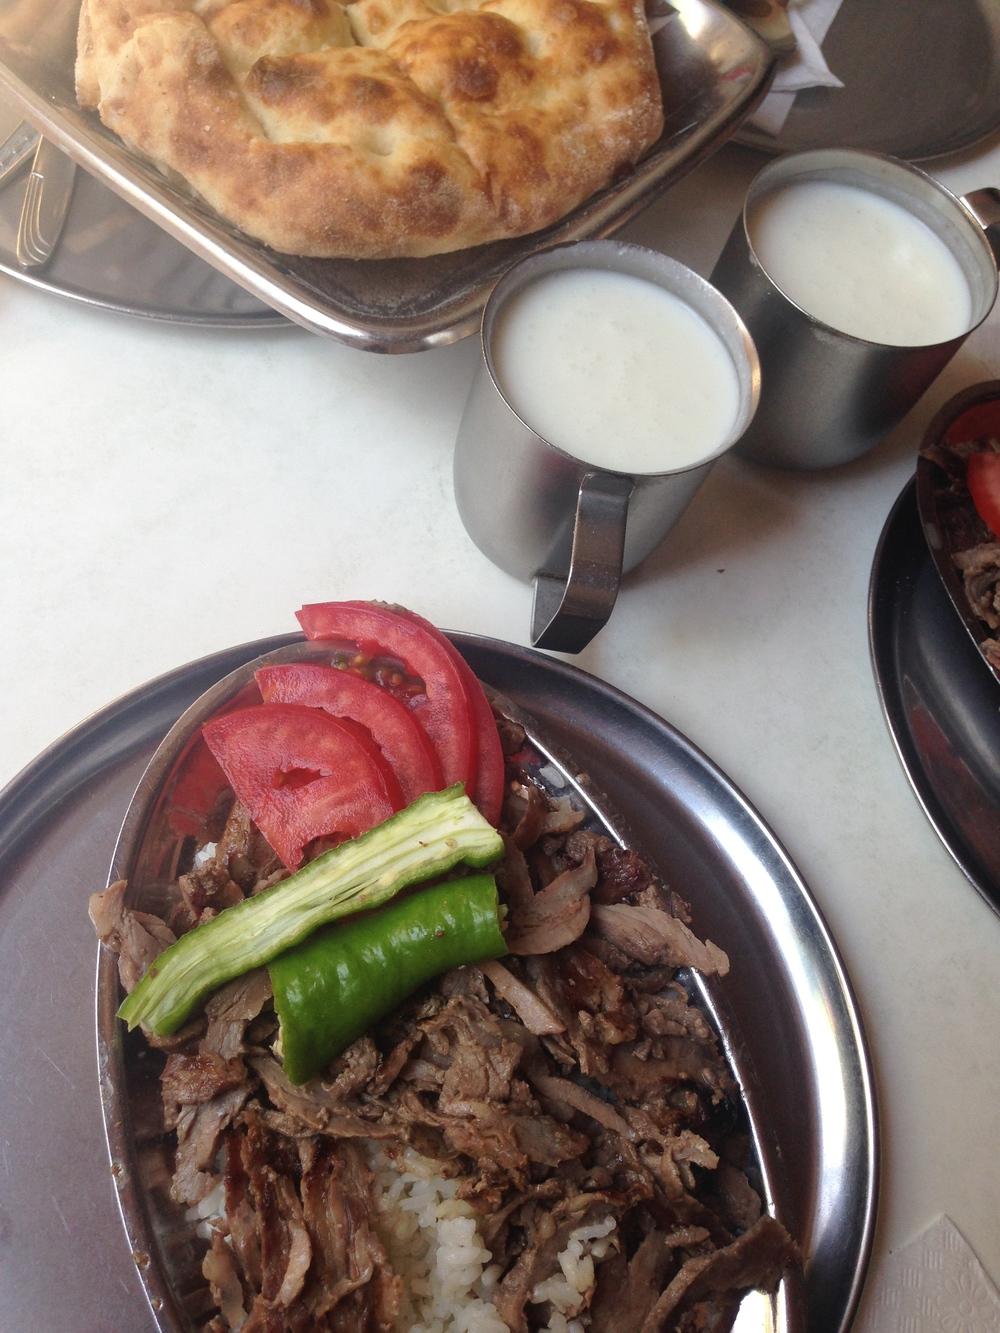 Homemade ayran with pilav üstüdöner at Karadeniz in Beşiktaş